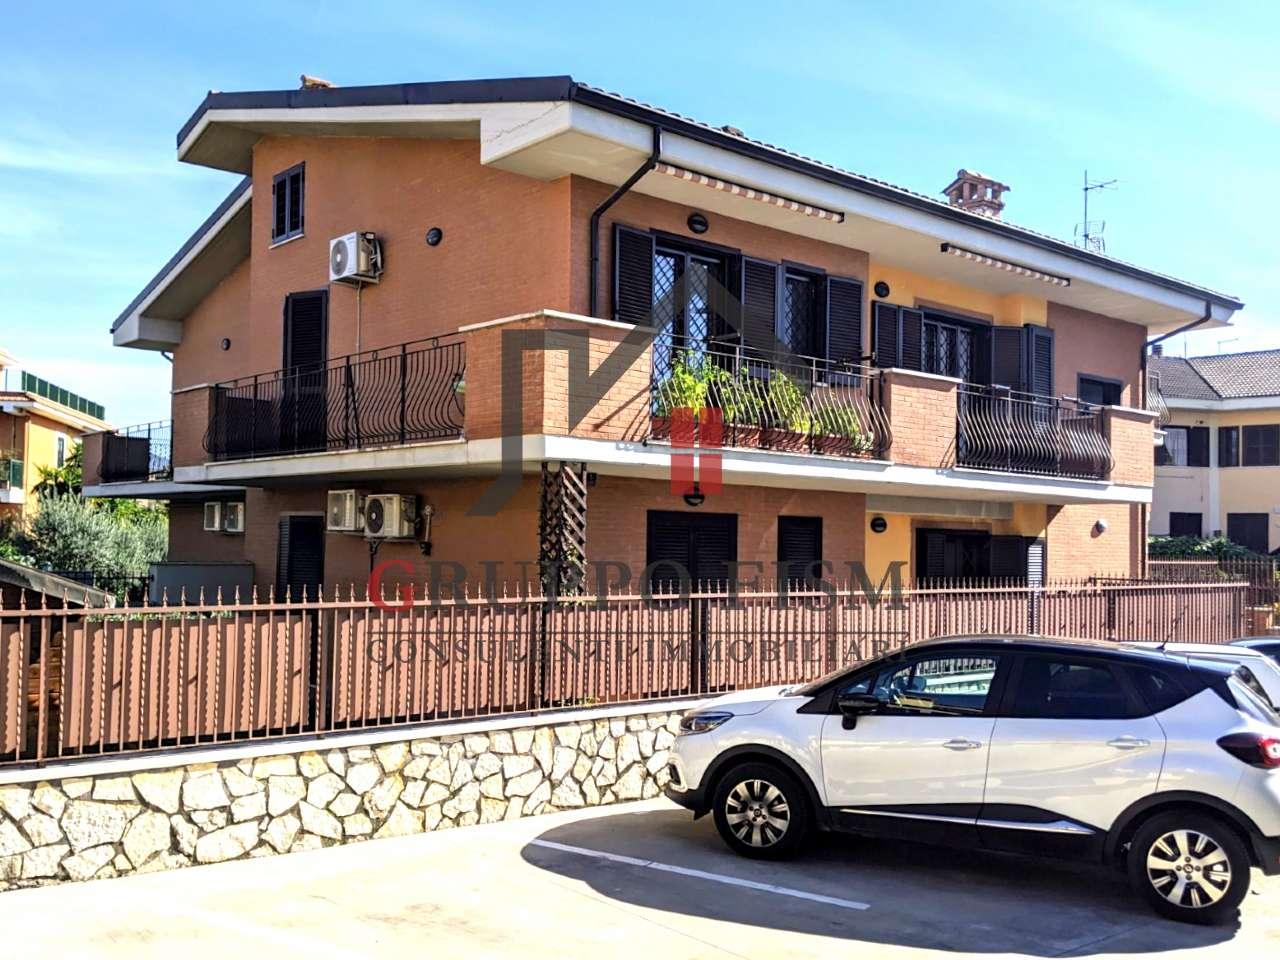 Appartamento in vendita a Tivoli, 4 locali, prezzo € 240.000 | CambioCasa.it